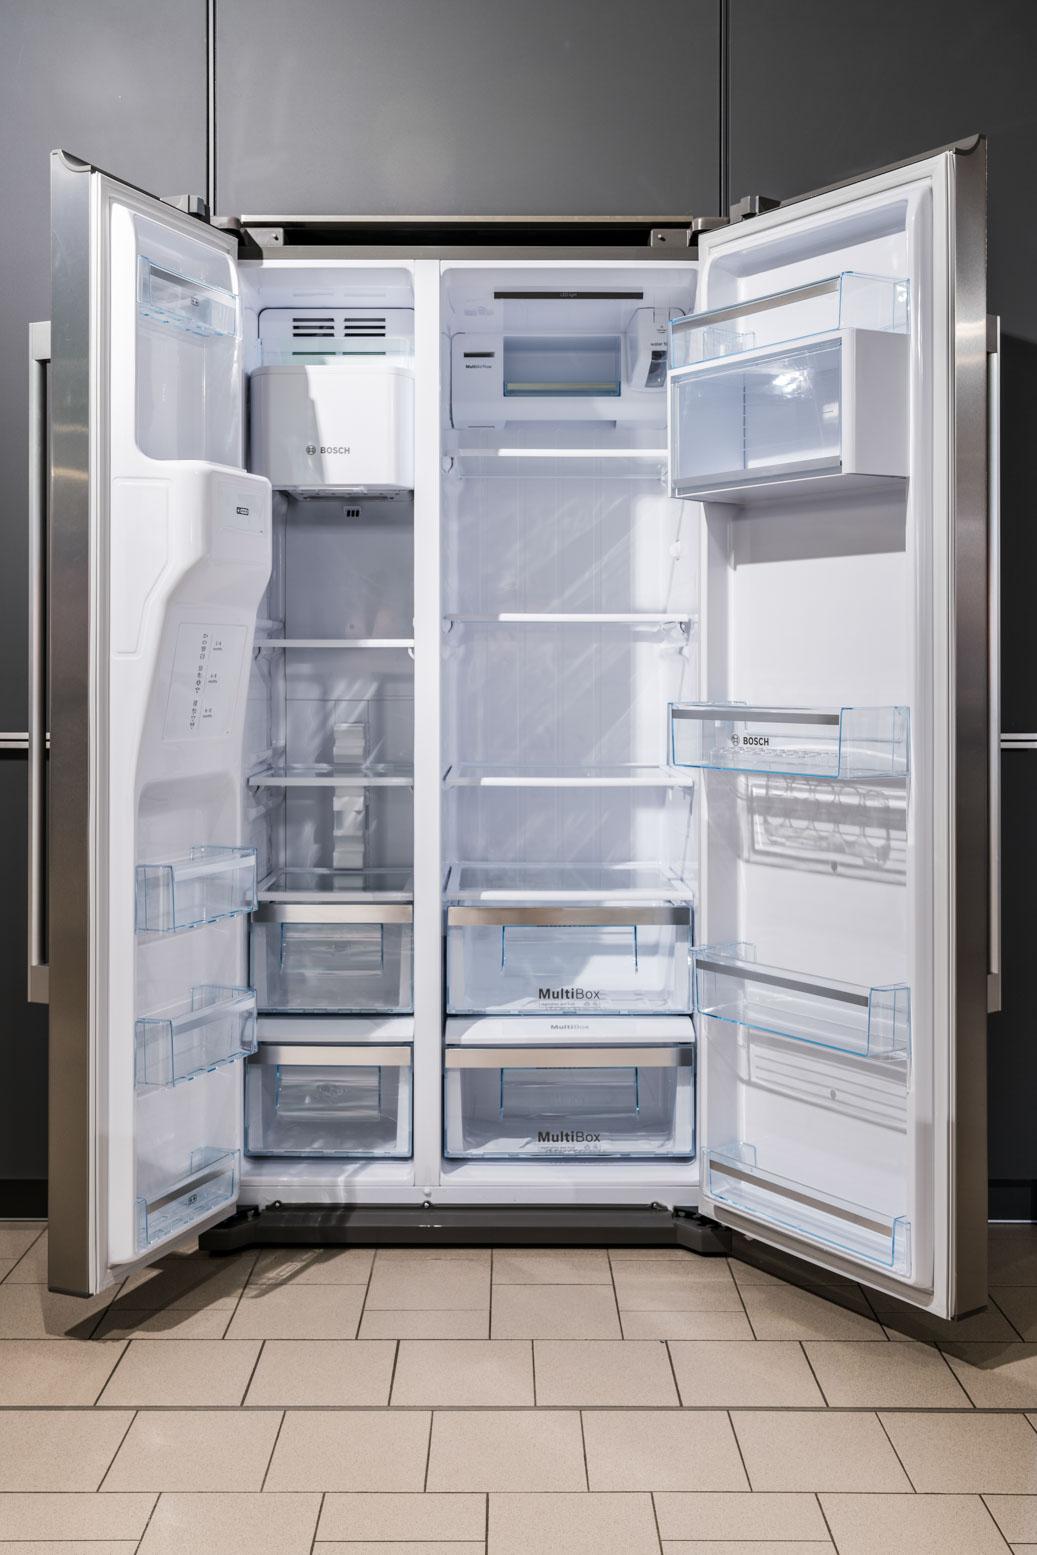 Weisser Küchenstudio Showroom Side-by-Side Kühlschrank geöffnet